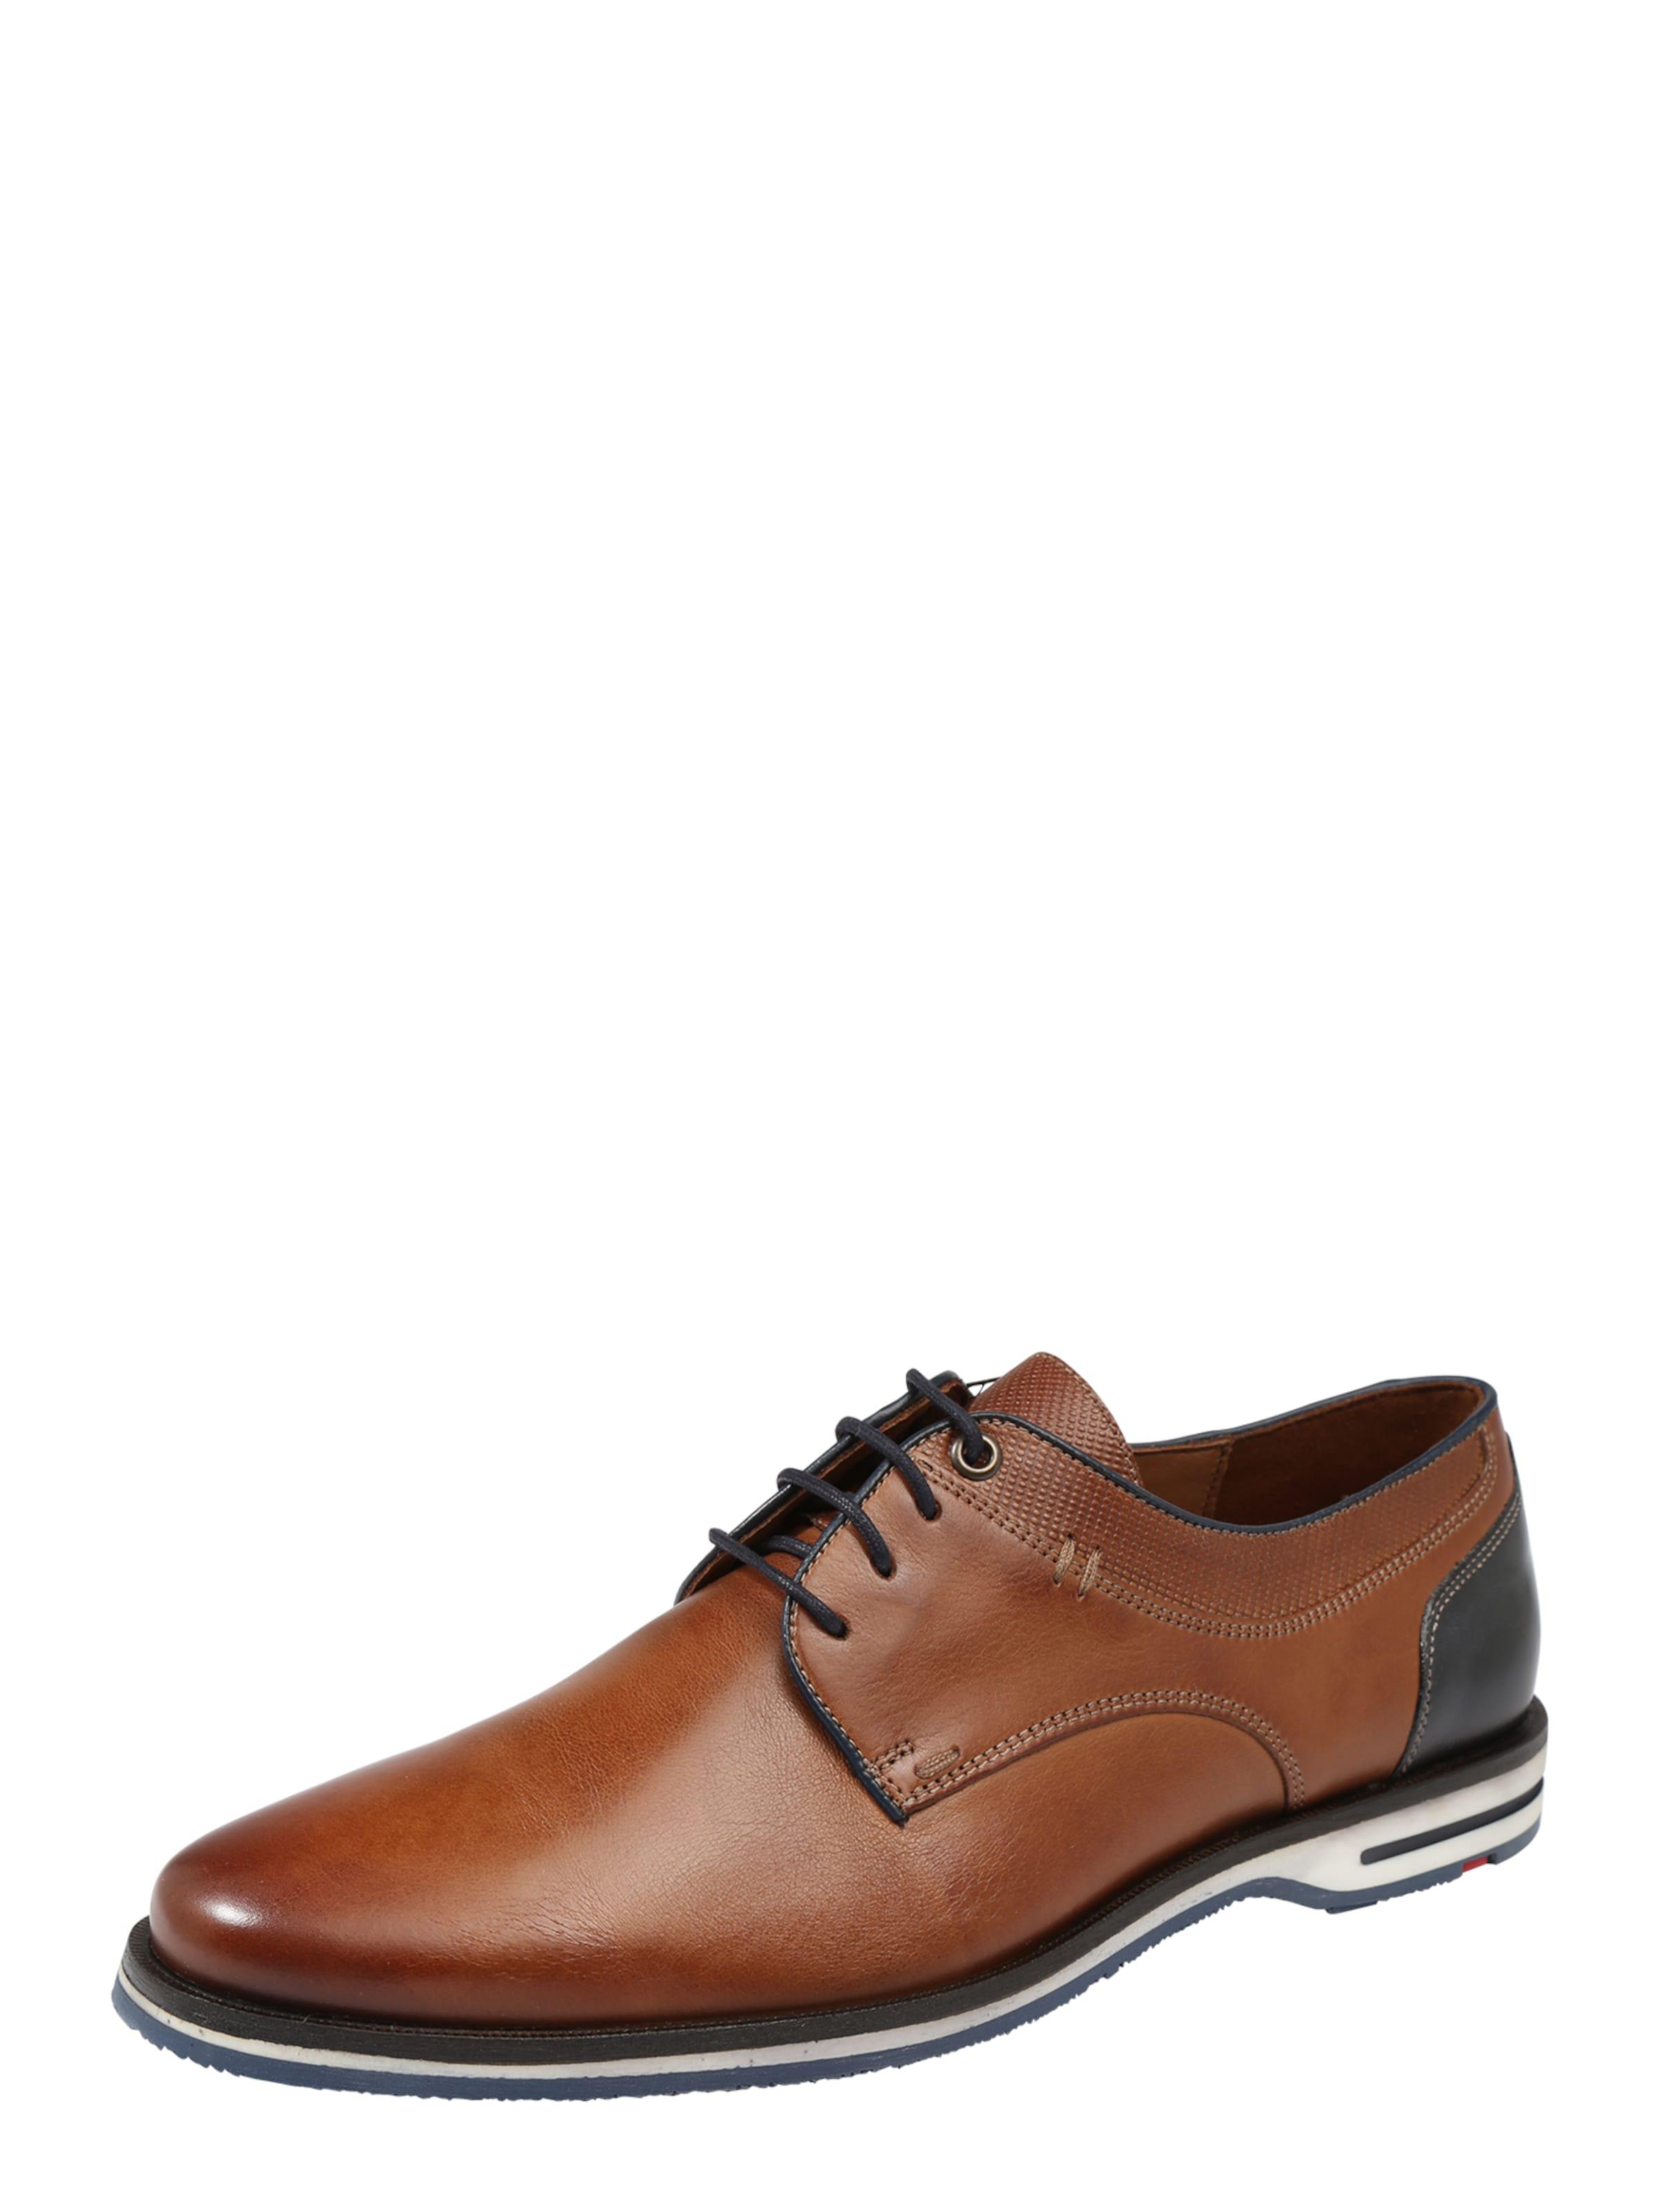 LLOYD Schnürschuhe DIEGO Verschleißfeste billige Schuhe